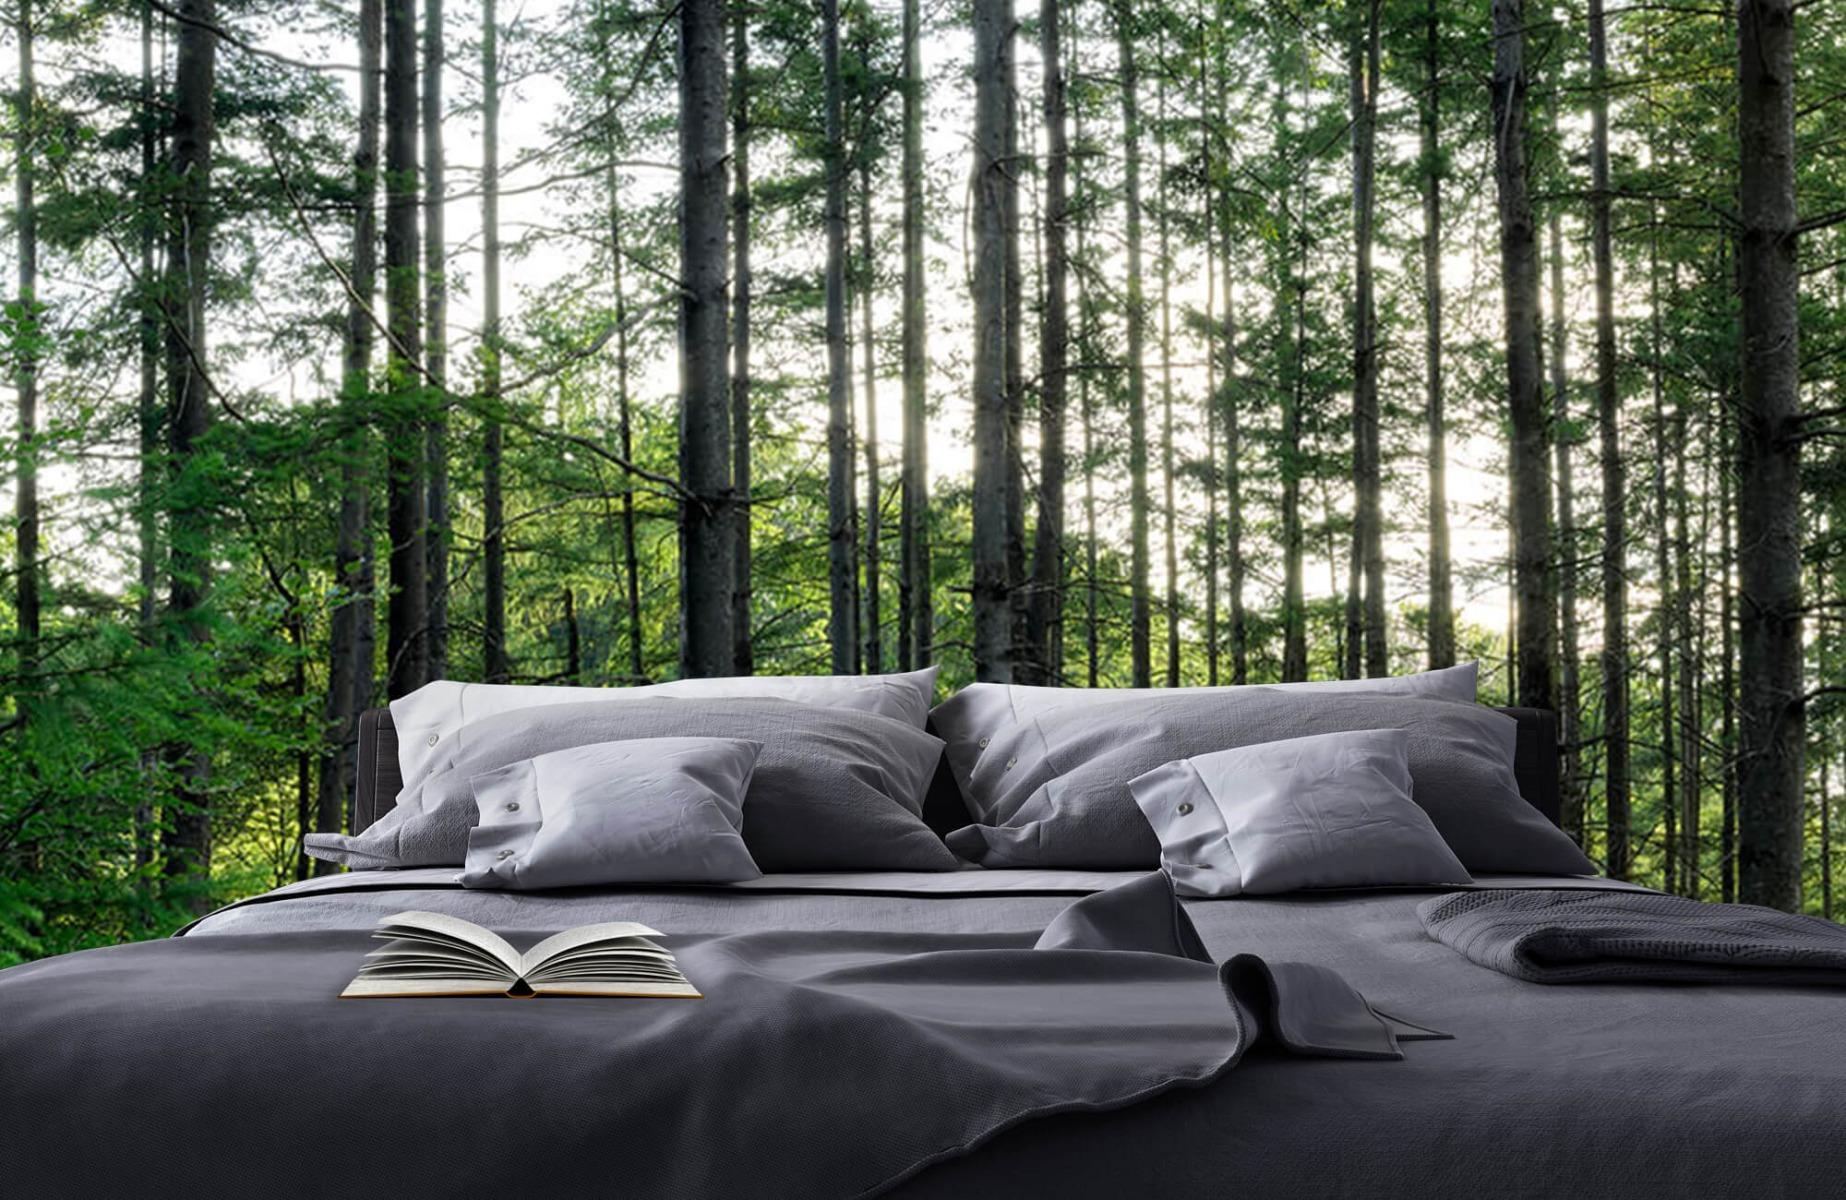 Bos behang - Gedetailleerd bos - Wallexclusive - Slaapkamer 17